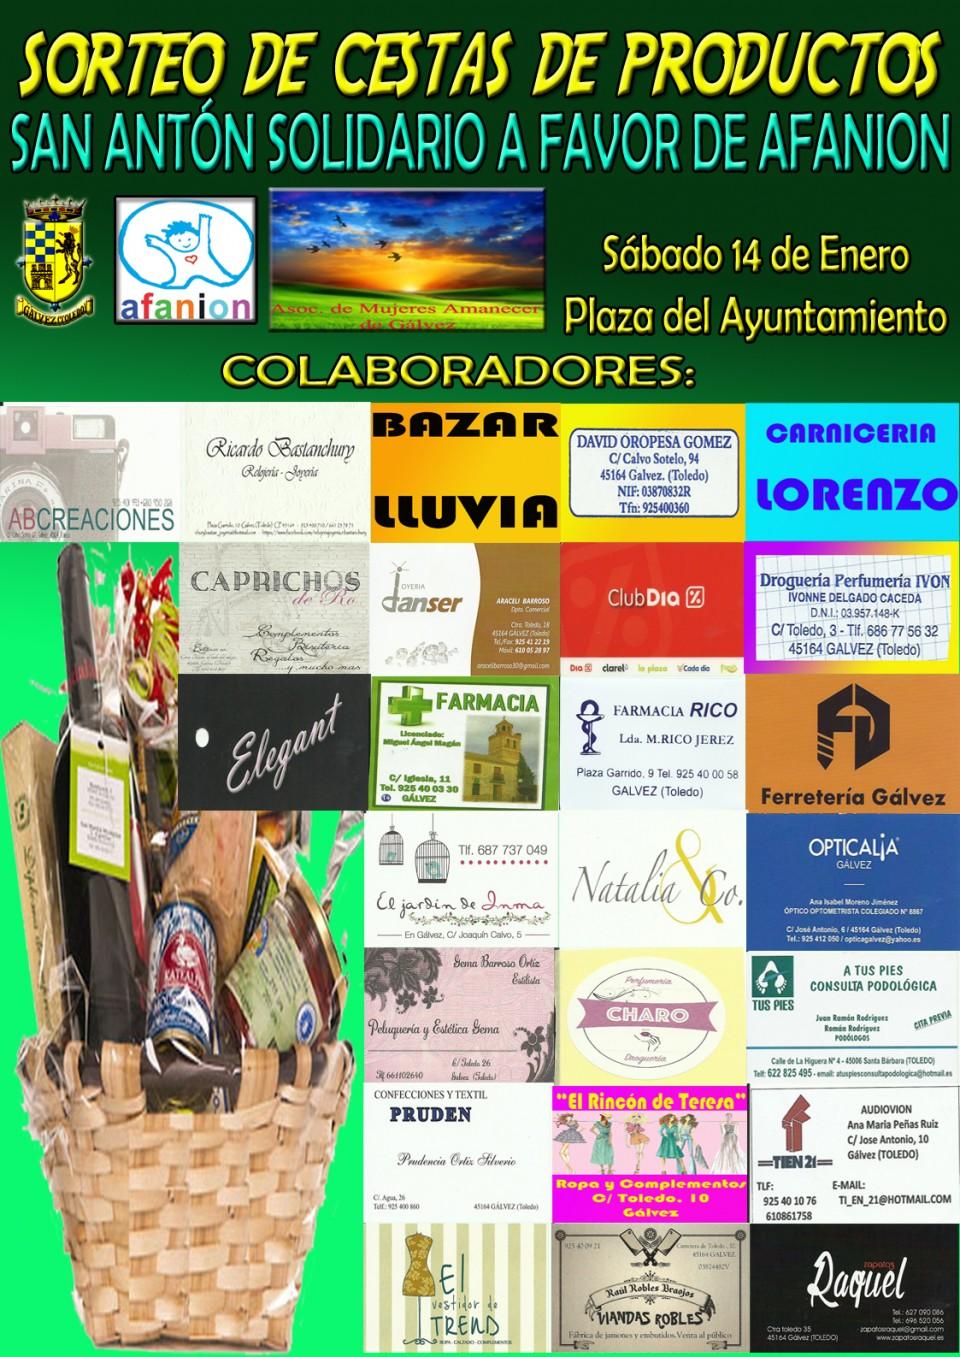 San Antón Solidario A Favor de Afanion